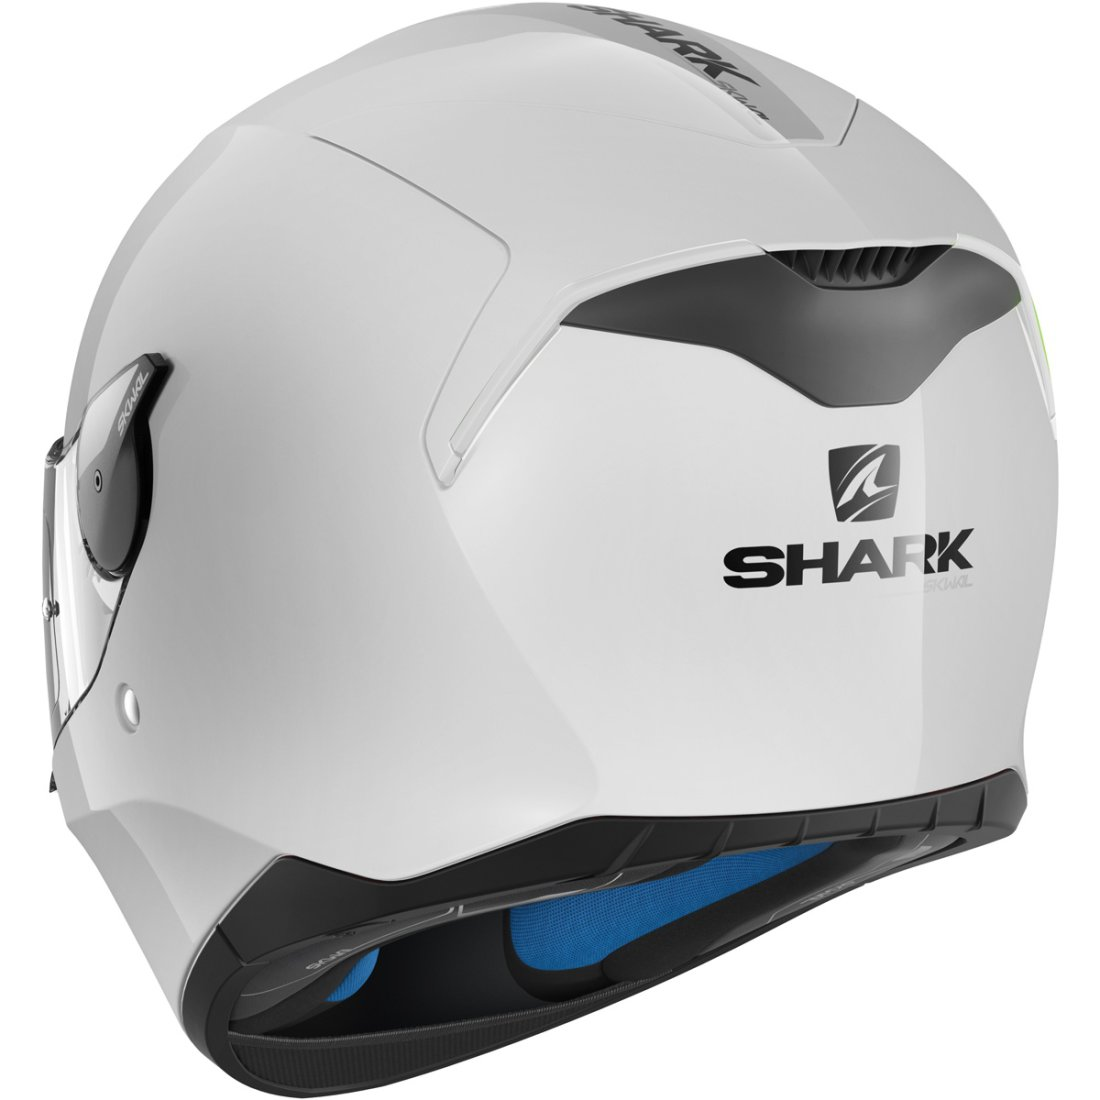 shark d skwal blank white azur helmet motocard. Black Bedroom Furniture Sets. Home Design Ideas